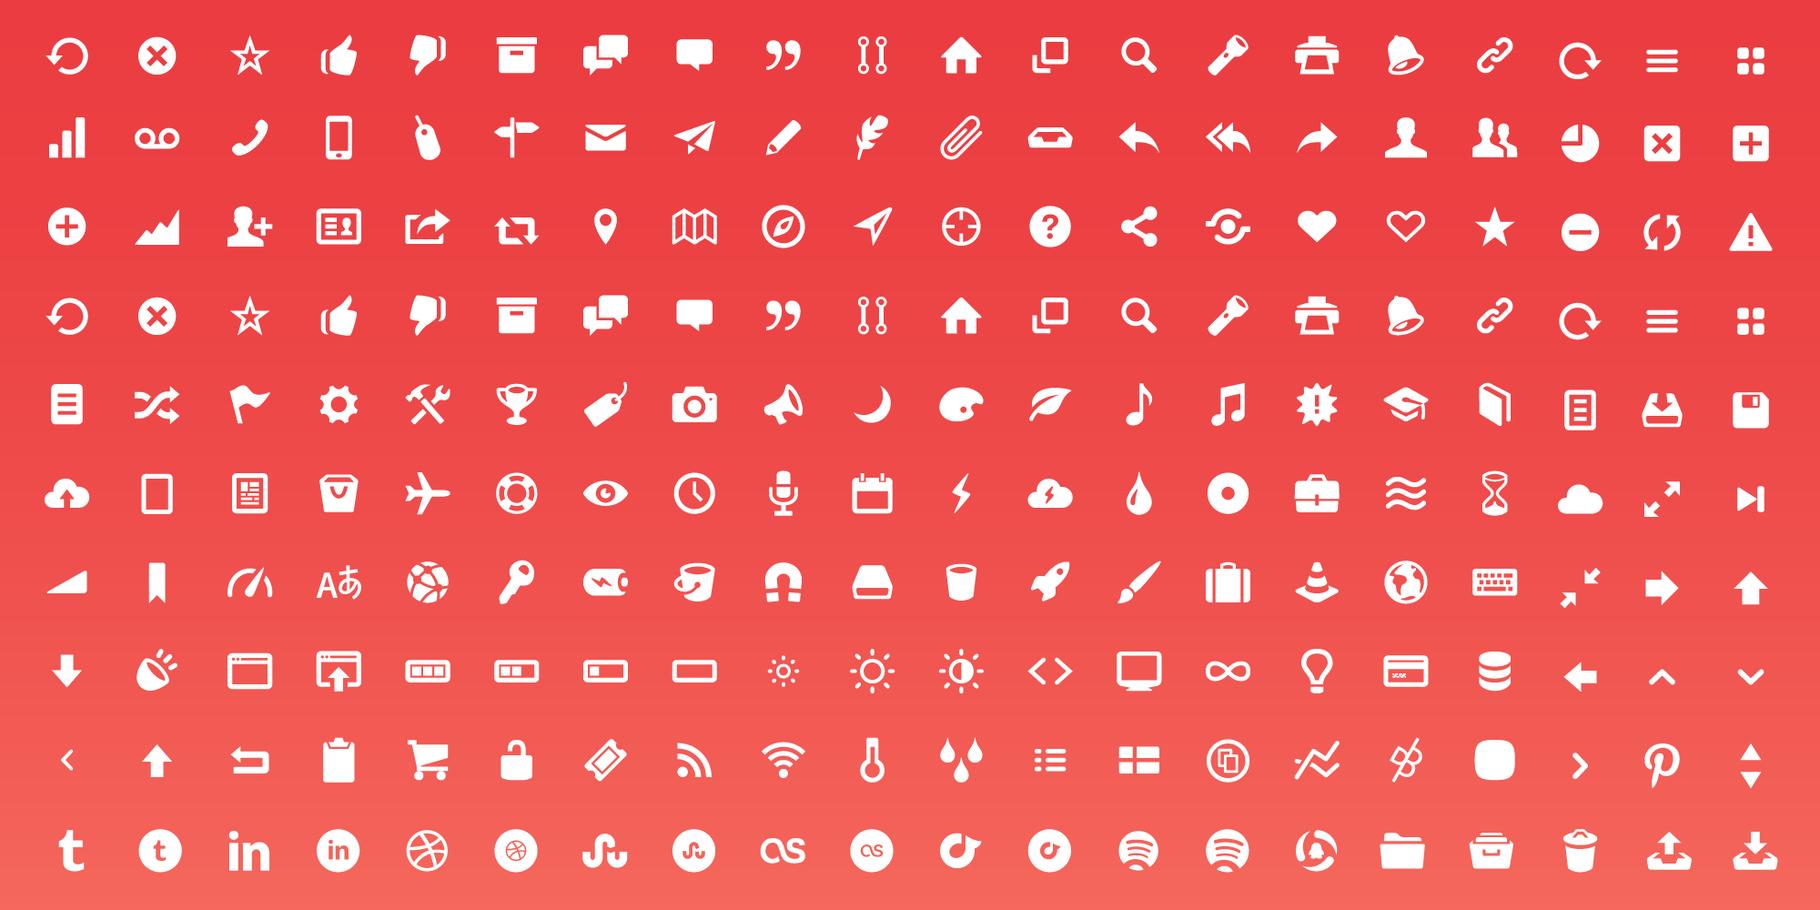 Come trovare icone gratuite ed usarle sul proprio sito - Jimdo eb6a25ed121